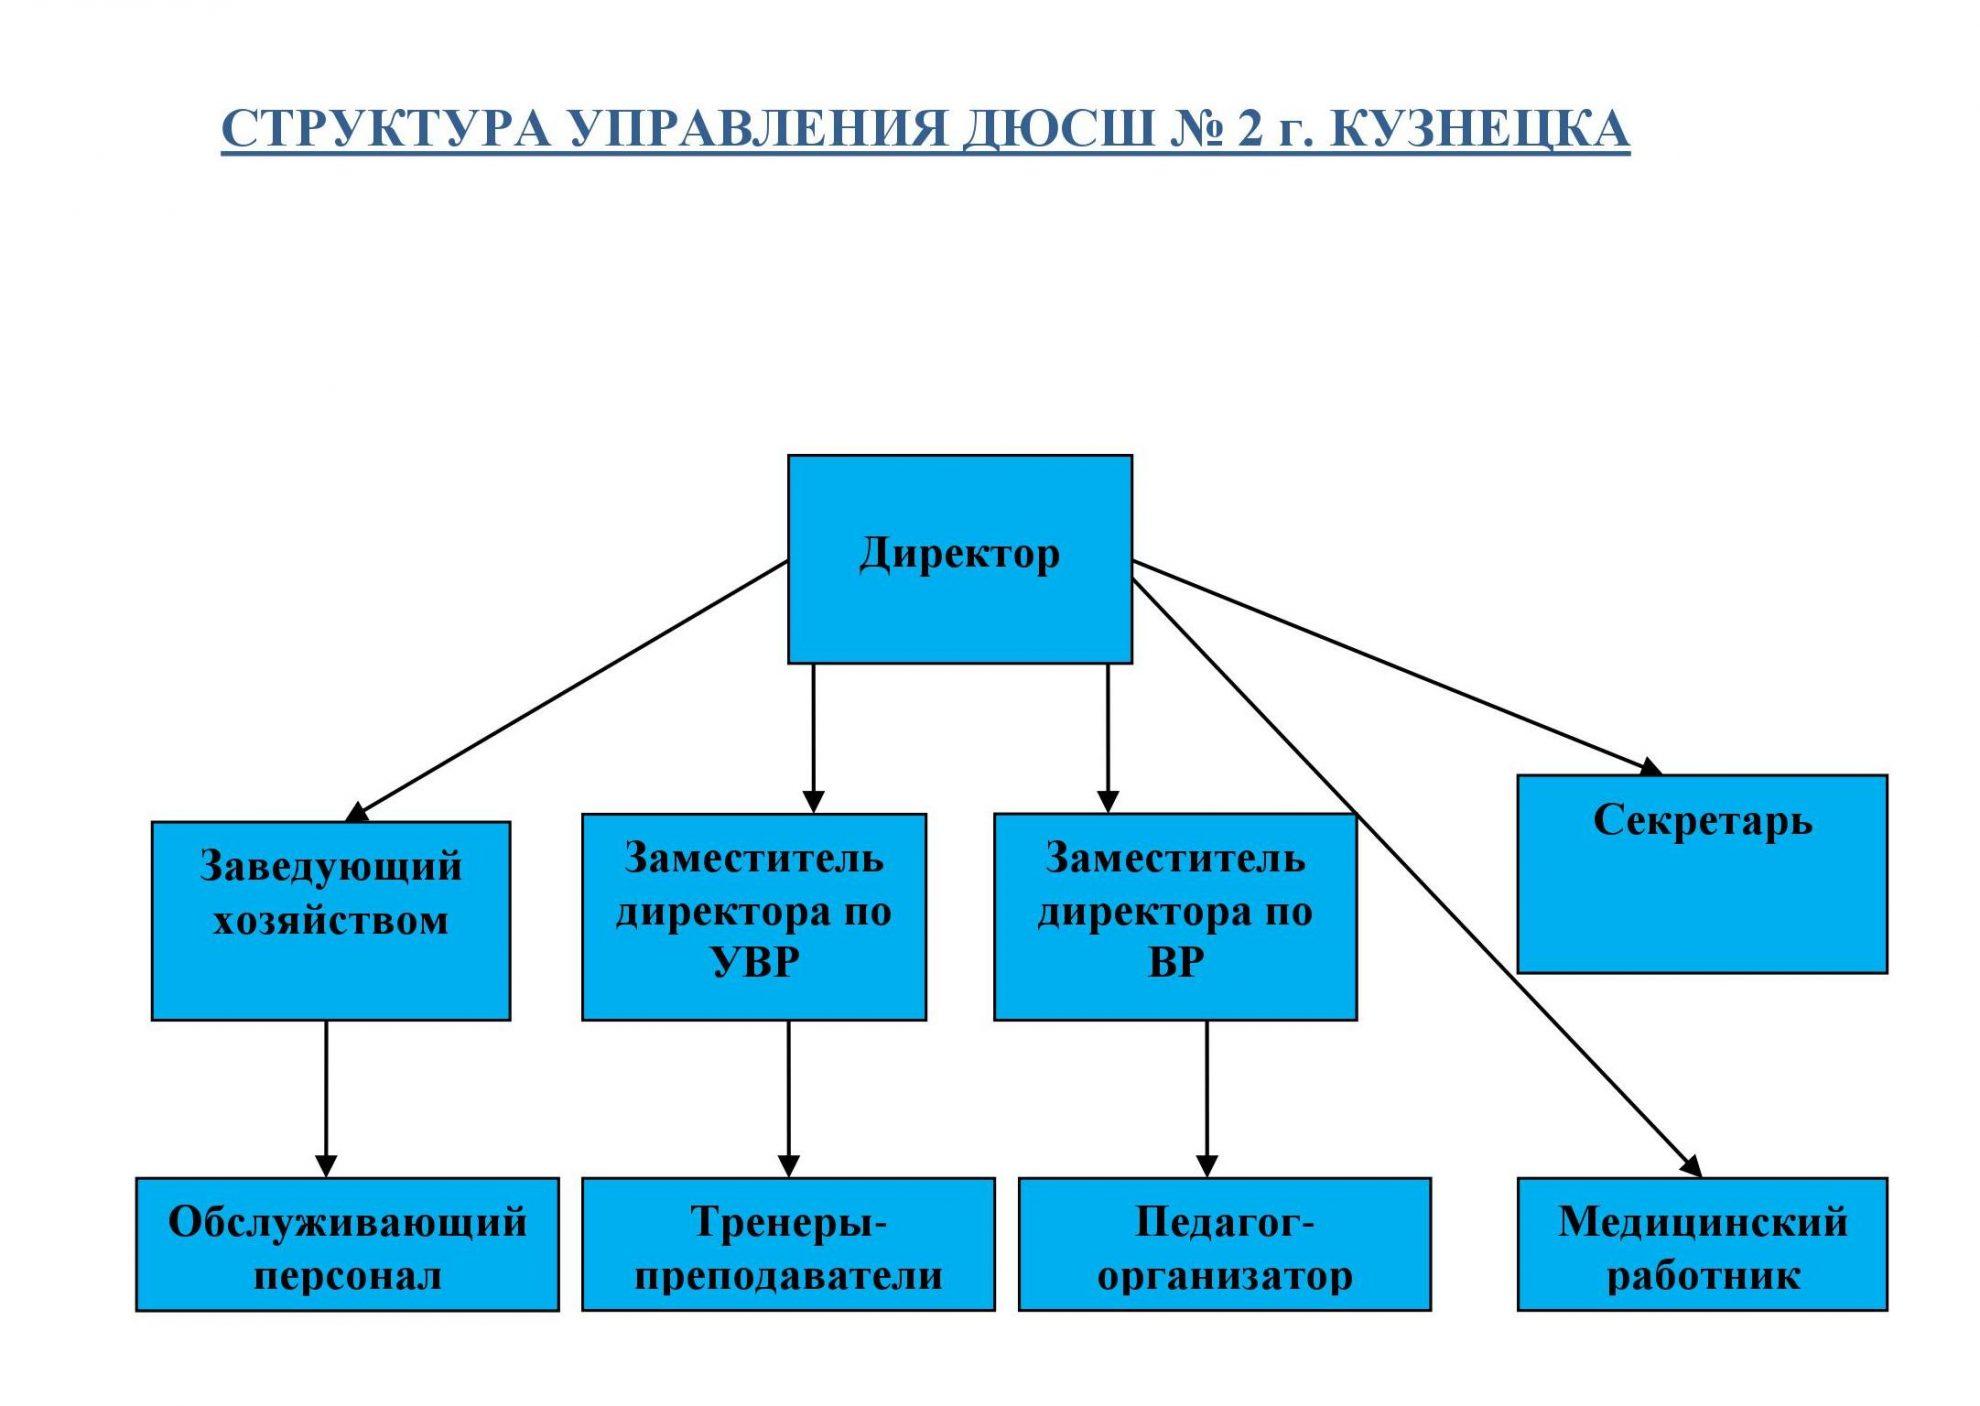 Структура организации схемы